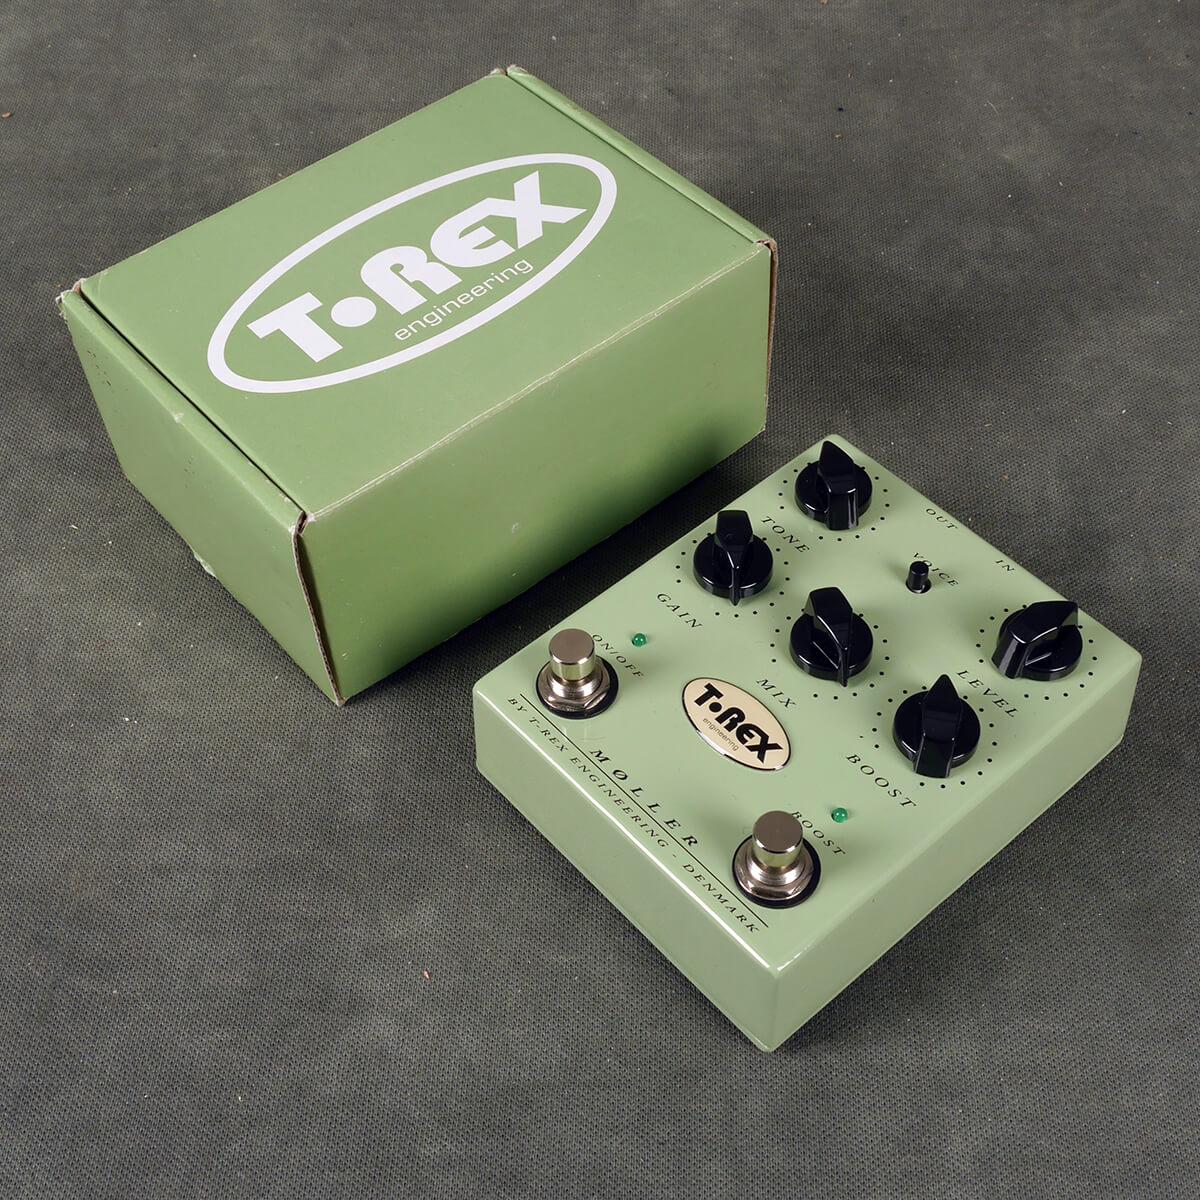 T-Rex Moller Boost FX Pedal w/Box - 2nd Hand